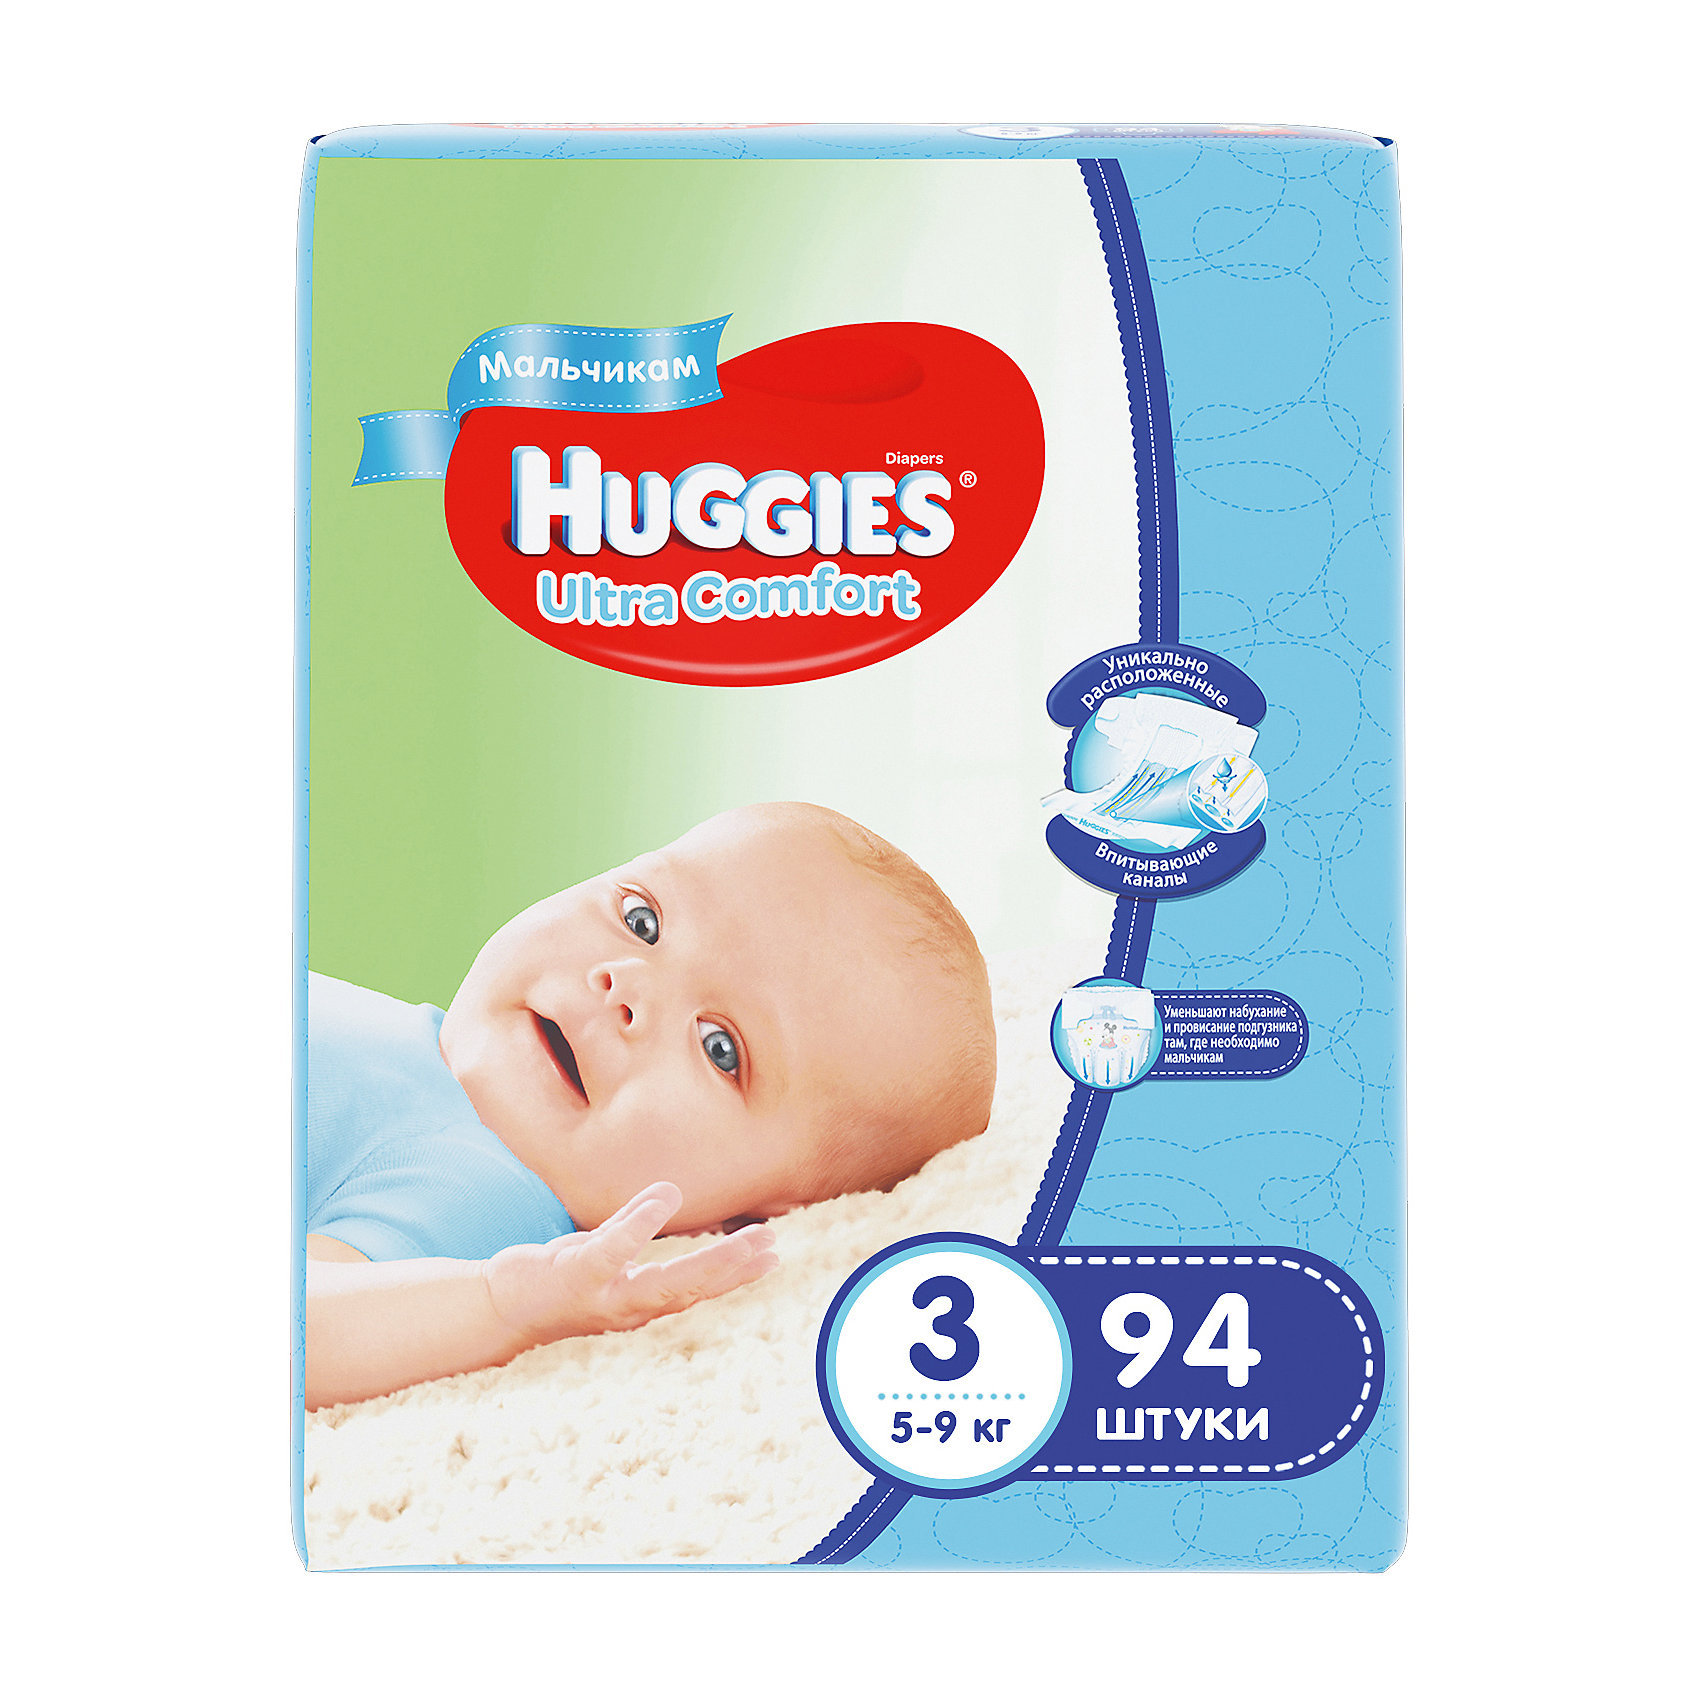 Подгузники Huggies Ultra Comfort 3 Giga Pack для мальчиков, 5-9 кг, 94 шт.Подгузники 0-5 кг<br>С первых дней жизни мальчики и девочки такие разные.<br><br>Новые подгузники Huggies Ultra Comfort созданы специально для мальчиков и специально для девочек. Для лучшего впитывания распределяющий слой в этих подгузниках расположен там, где это нужнее всего: по центру для девочек и выше для мальчиков. Huggies Ultra Comfort изготовлены из мягких материалов с микропорами, которые позволяют коже «дышать». Специальные тянущиеся застежки с закругленными краями надежно фиксируют подгузник, а широкий суперэластичный поясок позволяет малышам свободно двигаться.<br><br>Ключевые преимущества новых Huggies Ultra Comfort:<br><br>- Широкий суперэластичный поясок помогает надежно фиксировать подгузник по спинке малыша и защищать кожу от натирания<br>- Анатомическая форма. Изогнутые резиночки повторяют анатомическую форму подгузника, помогая защитить от натирания между ножками <br>- Ультра мягкий внутренний слой по всей длине подгузника оберегает кожу малыша.<br>- Специально разработанный слой Dry Touch впитывает за секунды и помогает запереть влагу внутри.<br>- Яркие эксклюзивные подгузники c дизайном от Disney подчеркивают индивидуальность маленьких модников и модниц.<br><br>Huggies Ultra Comfort для мальчиков и для девочек — потому что они такие разные.<br><br>Дополнительная информация:<br><br>Для мальчиков.<br>Размер: 3, для малышей от 5 до 9 кг.<br>В упаковке: 94 шт.<br><br>Подгузники Huggies Ultra Comfort для мальчиков Giga Pack (3) 5-9 кг, 94 шт. можно купить в нашем интернет-магазине.<br><br>Ширина мм: 410<br>Глубина мм: 405<br>Высота мм: 107<br>Вес г: 3008<br>Возраст от месяцев: 0<br>Возраст до месяцев: 9<br>Пол: Мужской<br>Возраст: Детский<br>SKU: 3389825